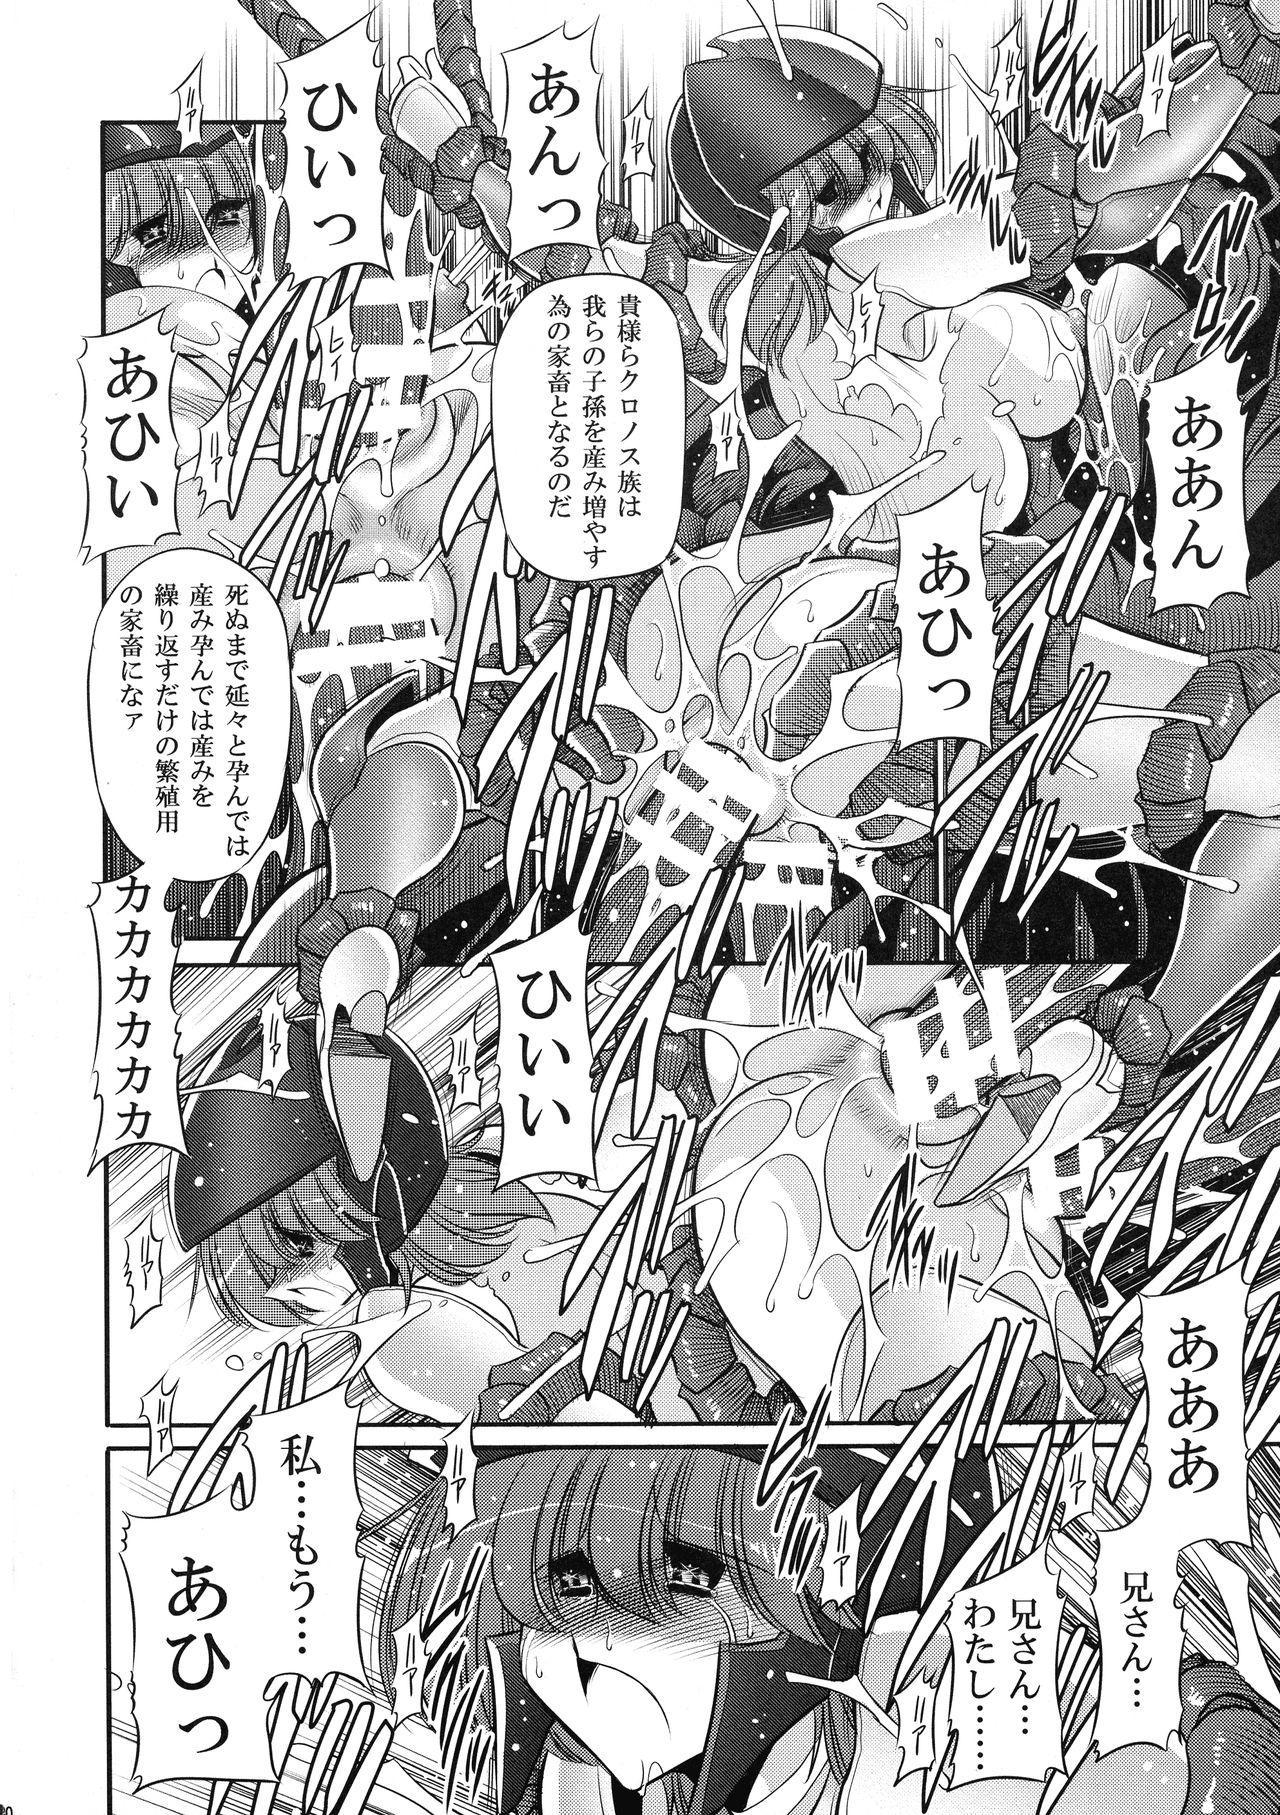 Cronos no Dai Gyakushuu 29